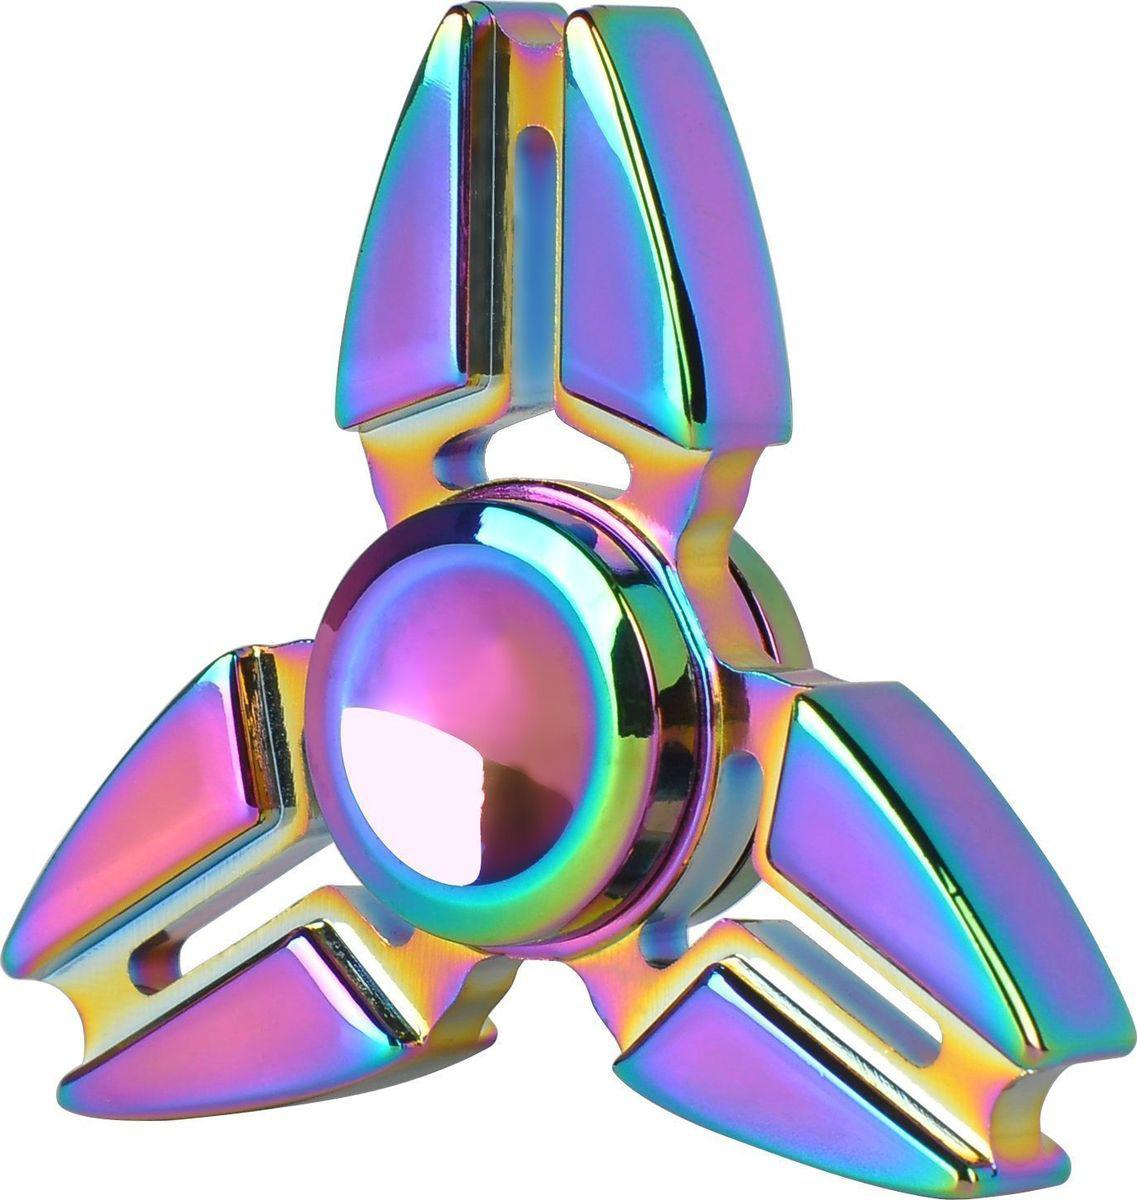 TipTop Спиннер цвет радужный ВР-00000838 tiptop спиннер цвет черный вр 00000973